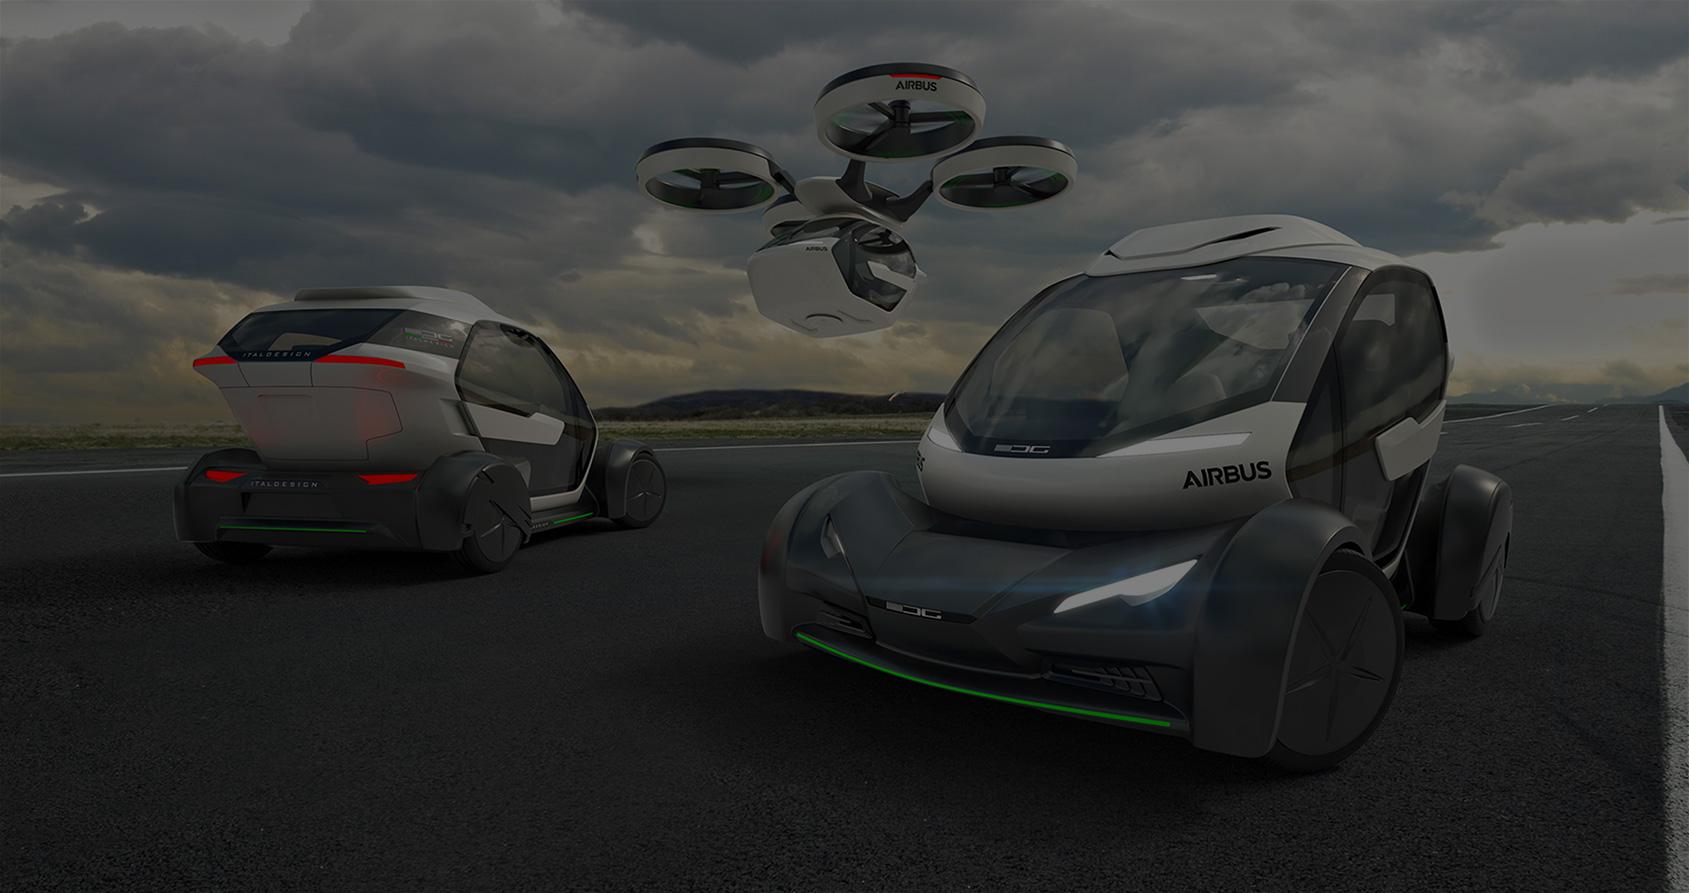 Comment se déplacera-t-on dans la ville du futur selon Airbus ?